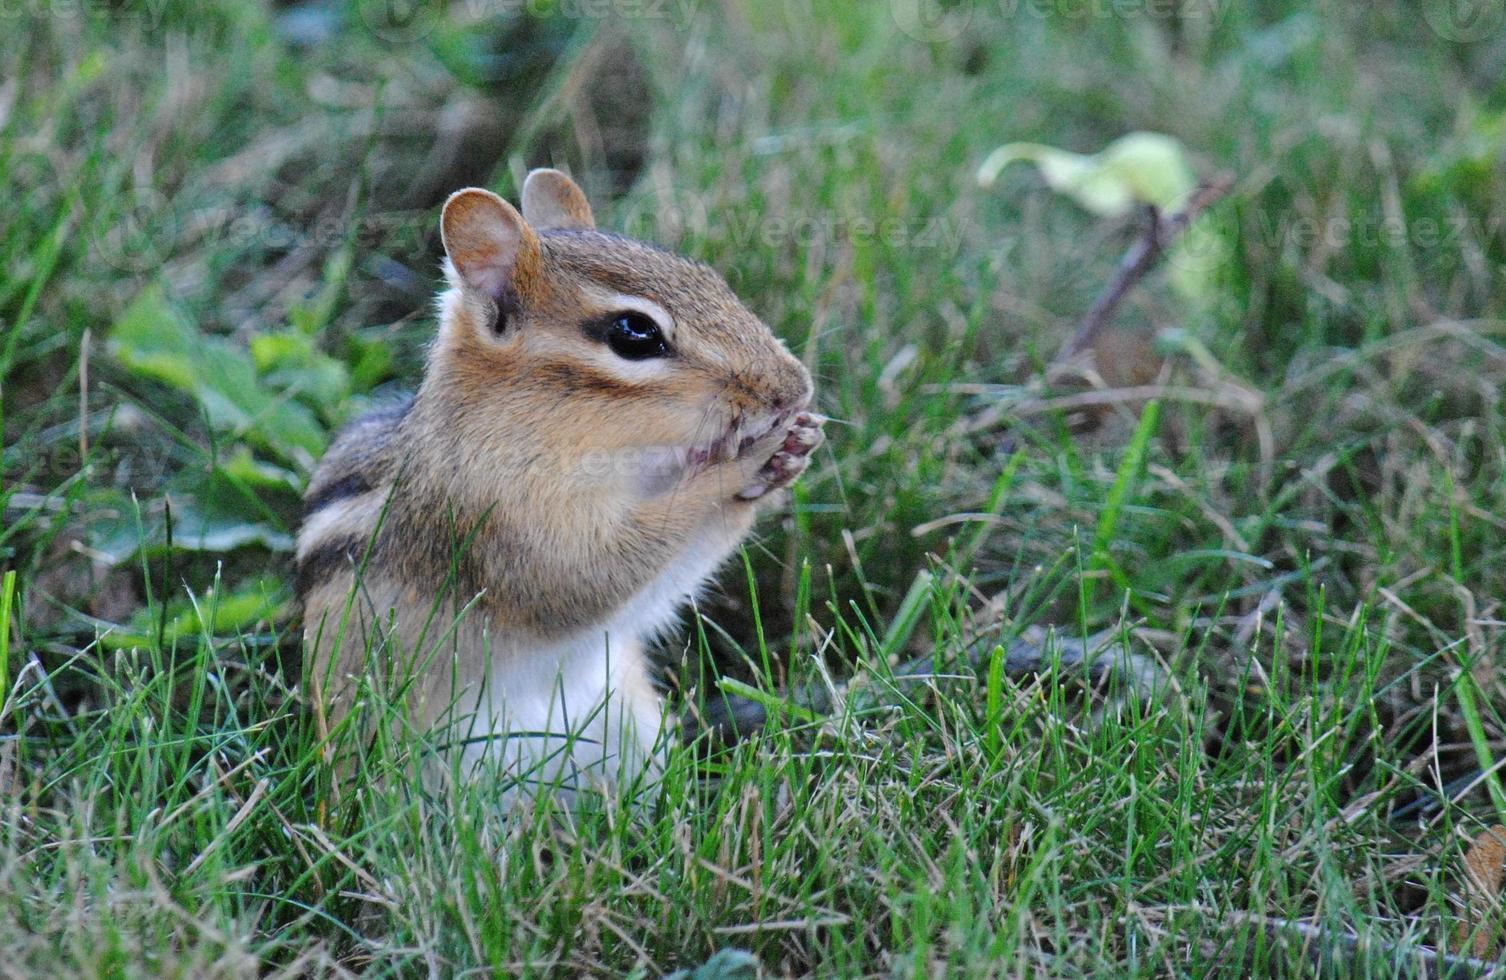 Summer Chippy - Chipmunk On Green Grass photo